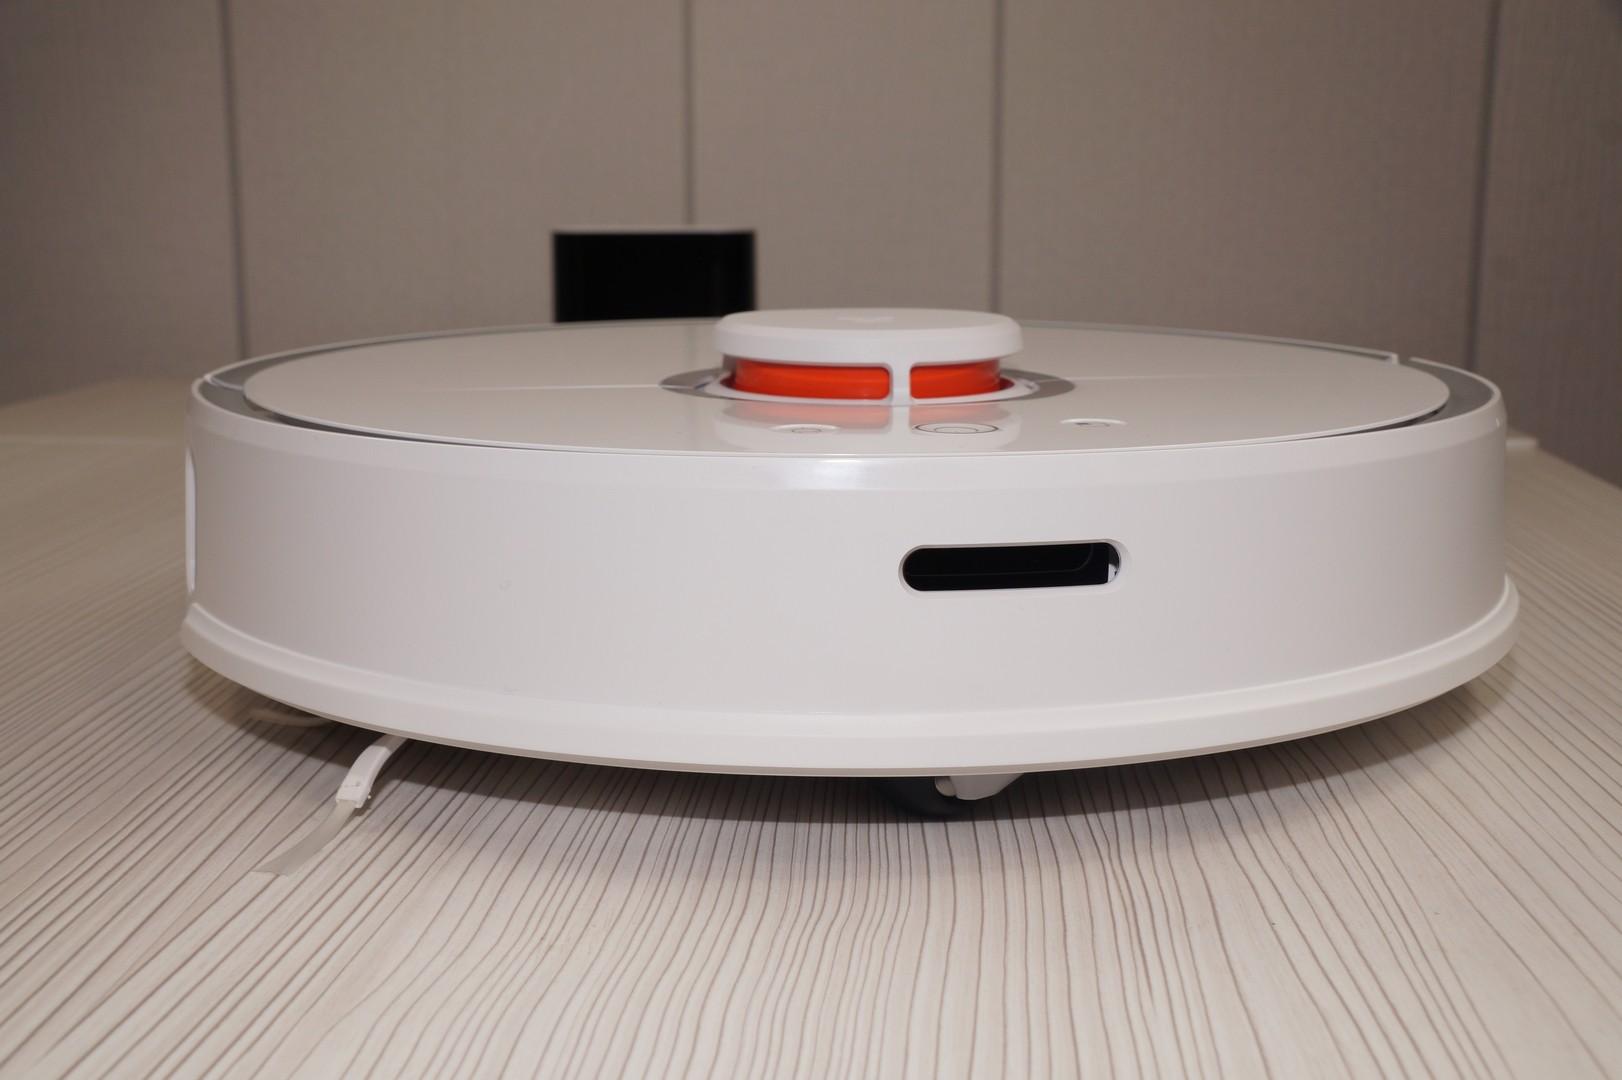 Лучшие роботы-пылесосы xiaomi 2020 года (обновленный рейтинг)